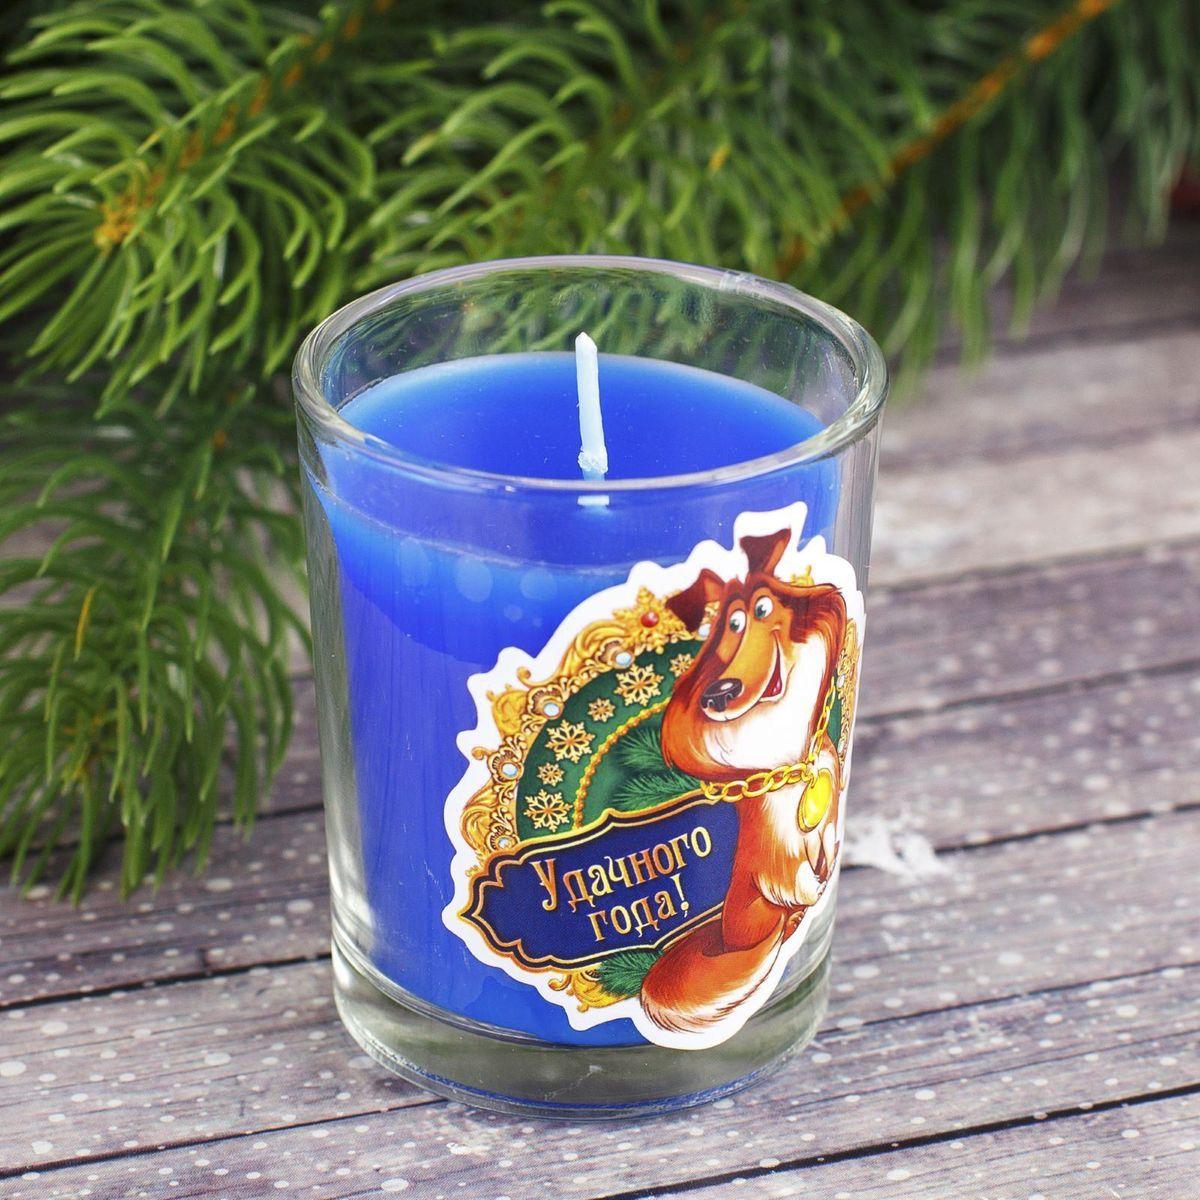 Свеча ароматизированная Sima-land Счастья и любви, цвет: синий, высота 6,5 см2085648Какой новогодний стол без свечей? Вместе с мандаринами, шампанским и еловыми ветвями они создадут сказочную атмосферу, а их притягательное пламя подарит ощущение уюта и тепла.А еще это отличная идея для подарка! Свеча ароматизированная в стакане Счастья и любви оградит от невзгод и поможет во всех начинаниях в будущем году.Пусть удача сопутствует вам и вашим близким!Каждому хозяину периодически приходит мысль обновить свою квартиру, сделать ремонт, перестановку или кардинально поменять внешний вид каждой комнаты. Свеча ароматизированная в стакане Счастья и любви - привлекательная деталь, которая поможет воплотить вашу интерьерную идею, создать неповторимую атмосферу в вашем доме. Окружите себя приятными мелочами, пусть они радуют глаз и дарят гармонию.Невозможно представить нашу жизнь без праздников! Мы всегда ждем их и предвкушаем, обдумываем, как проведем памятный день, тщательно выбираем подарки и аксессуары, ведь именно они создают и поддерживают торжественный настрой. Свеча ароматизированная в стакане Счастья и любви - это отличный выбор, который привнесет атмосферу праздника в ваш дом!